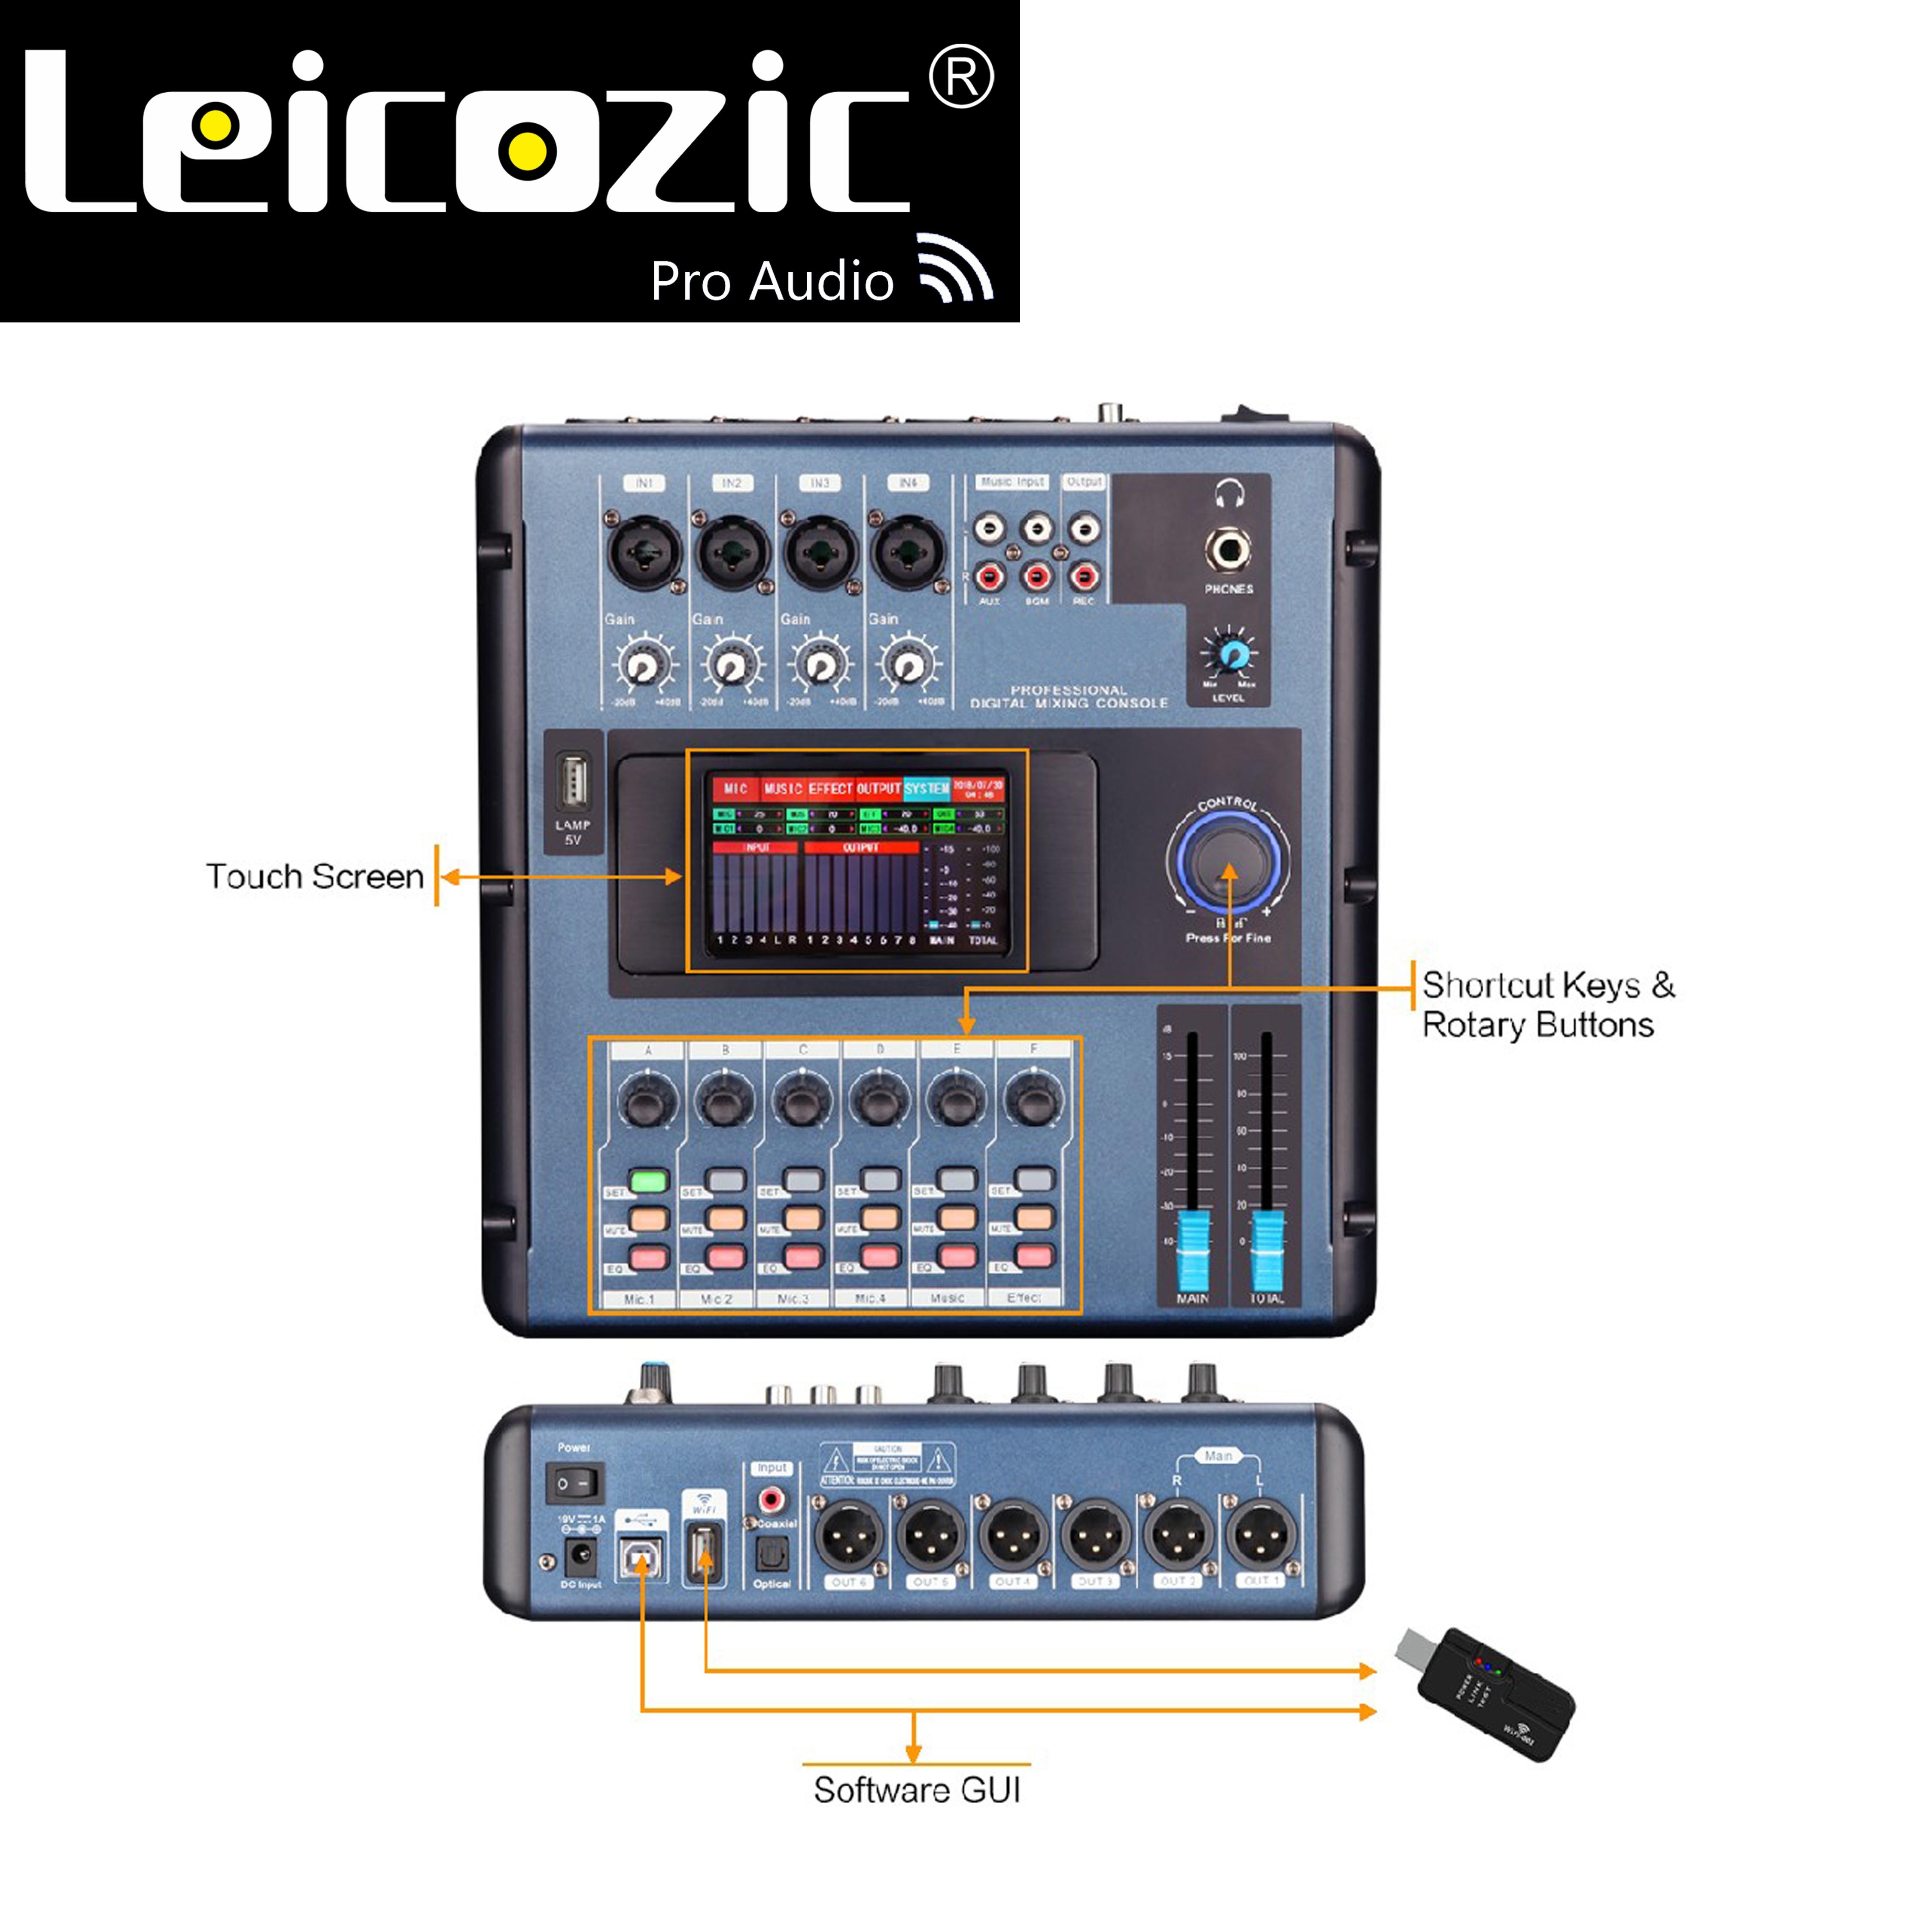 خلاط رقمي صغير Leicozic MD200 يربط بالكمبيوتر عن طريق WIFI أو USB شاشة وحدة التحكم الرقمية للخلط قابلة للمس للالعصابات والحفلات الموسيقية والحفلات